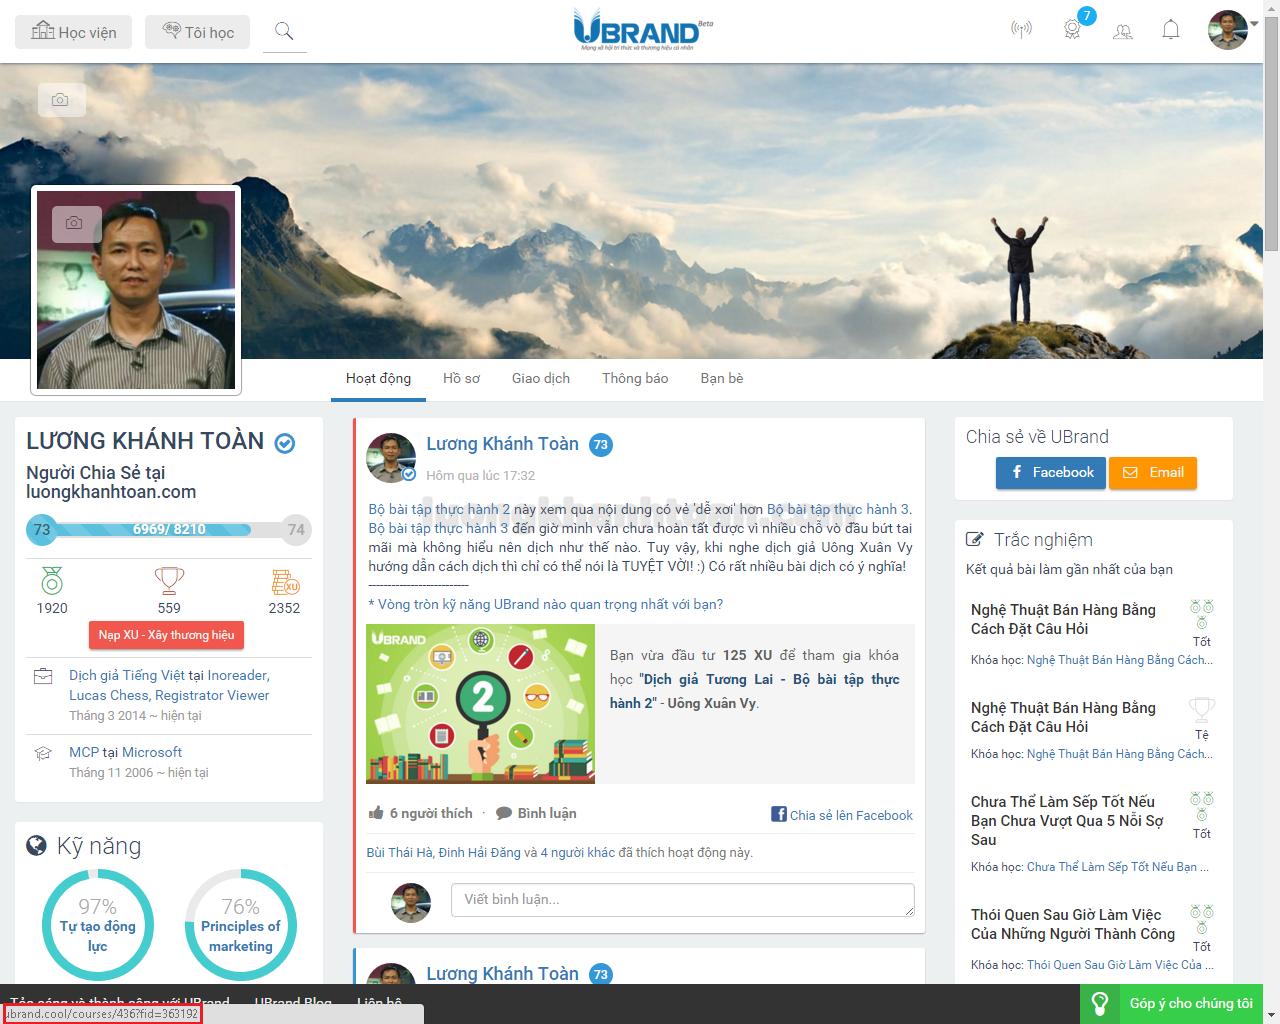 Khi nào bạn sẽ sử dụng link giới thiệu khóa học UBrand?